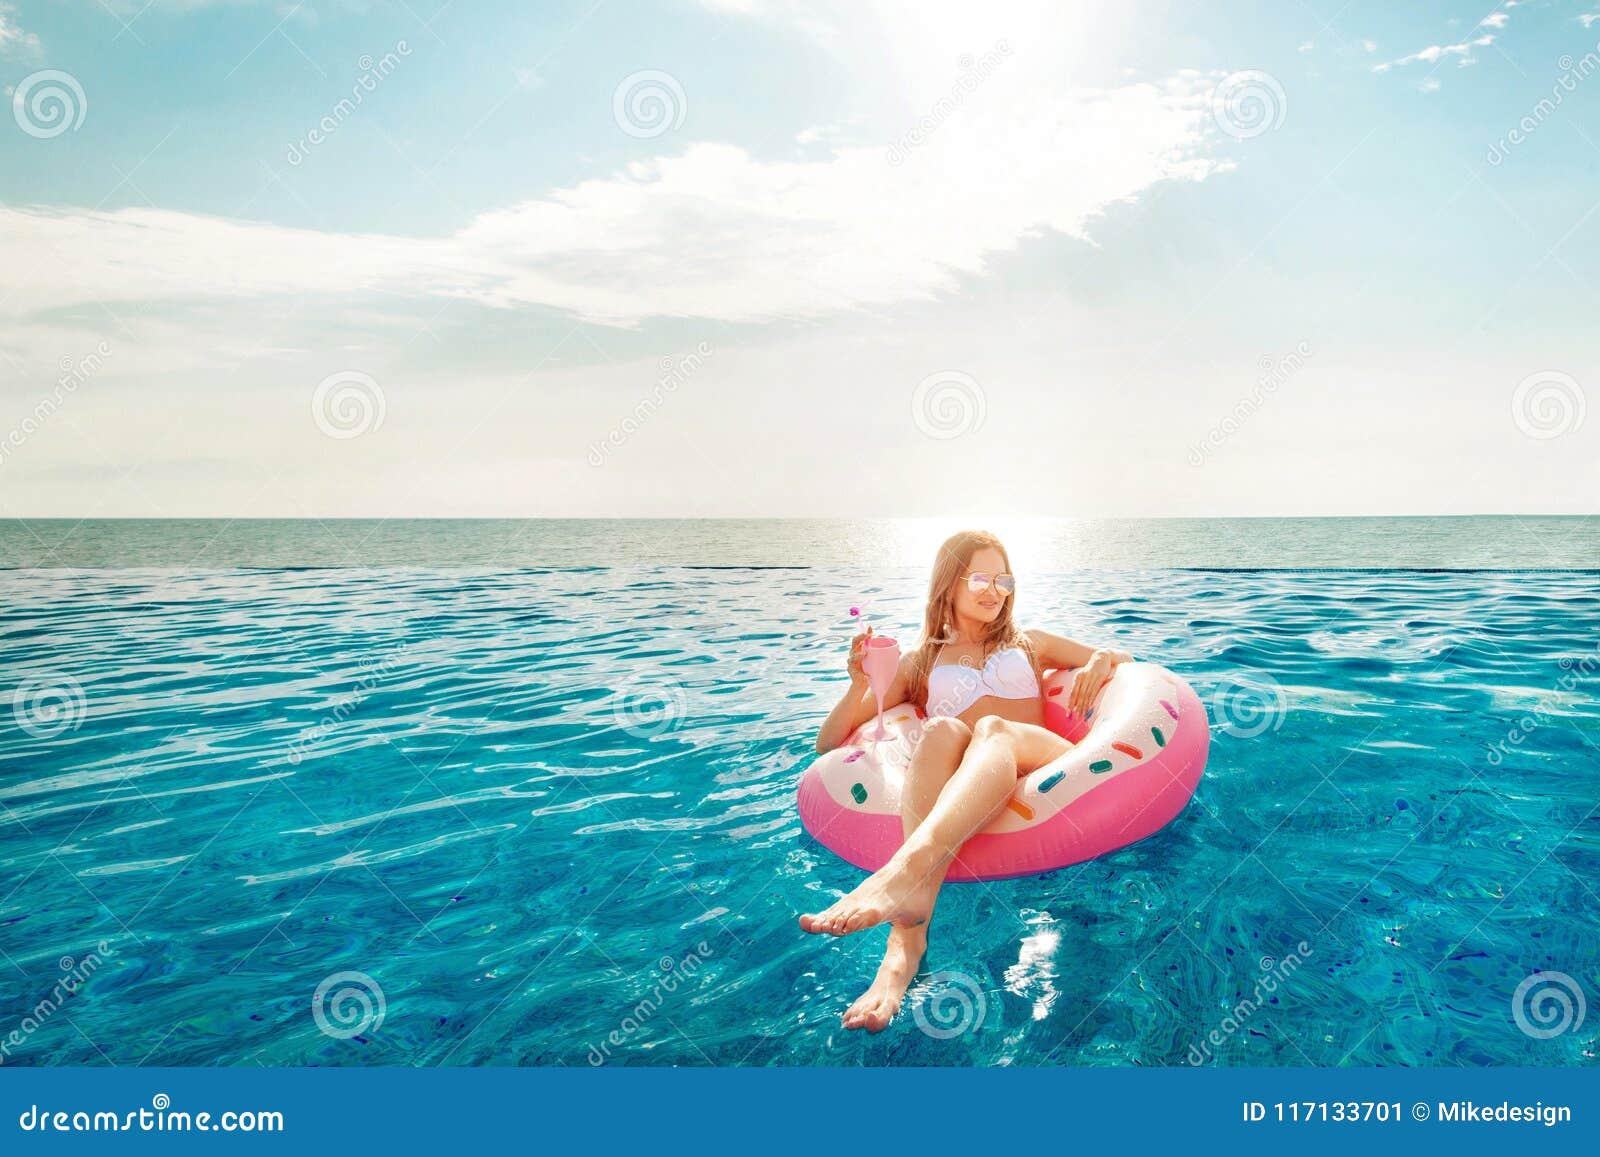 каникула территории лета katya krasnodar Женщина в бикини на раздувном тюфяке донута в бассейне КУРОРТА Пляж на голубом море